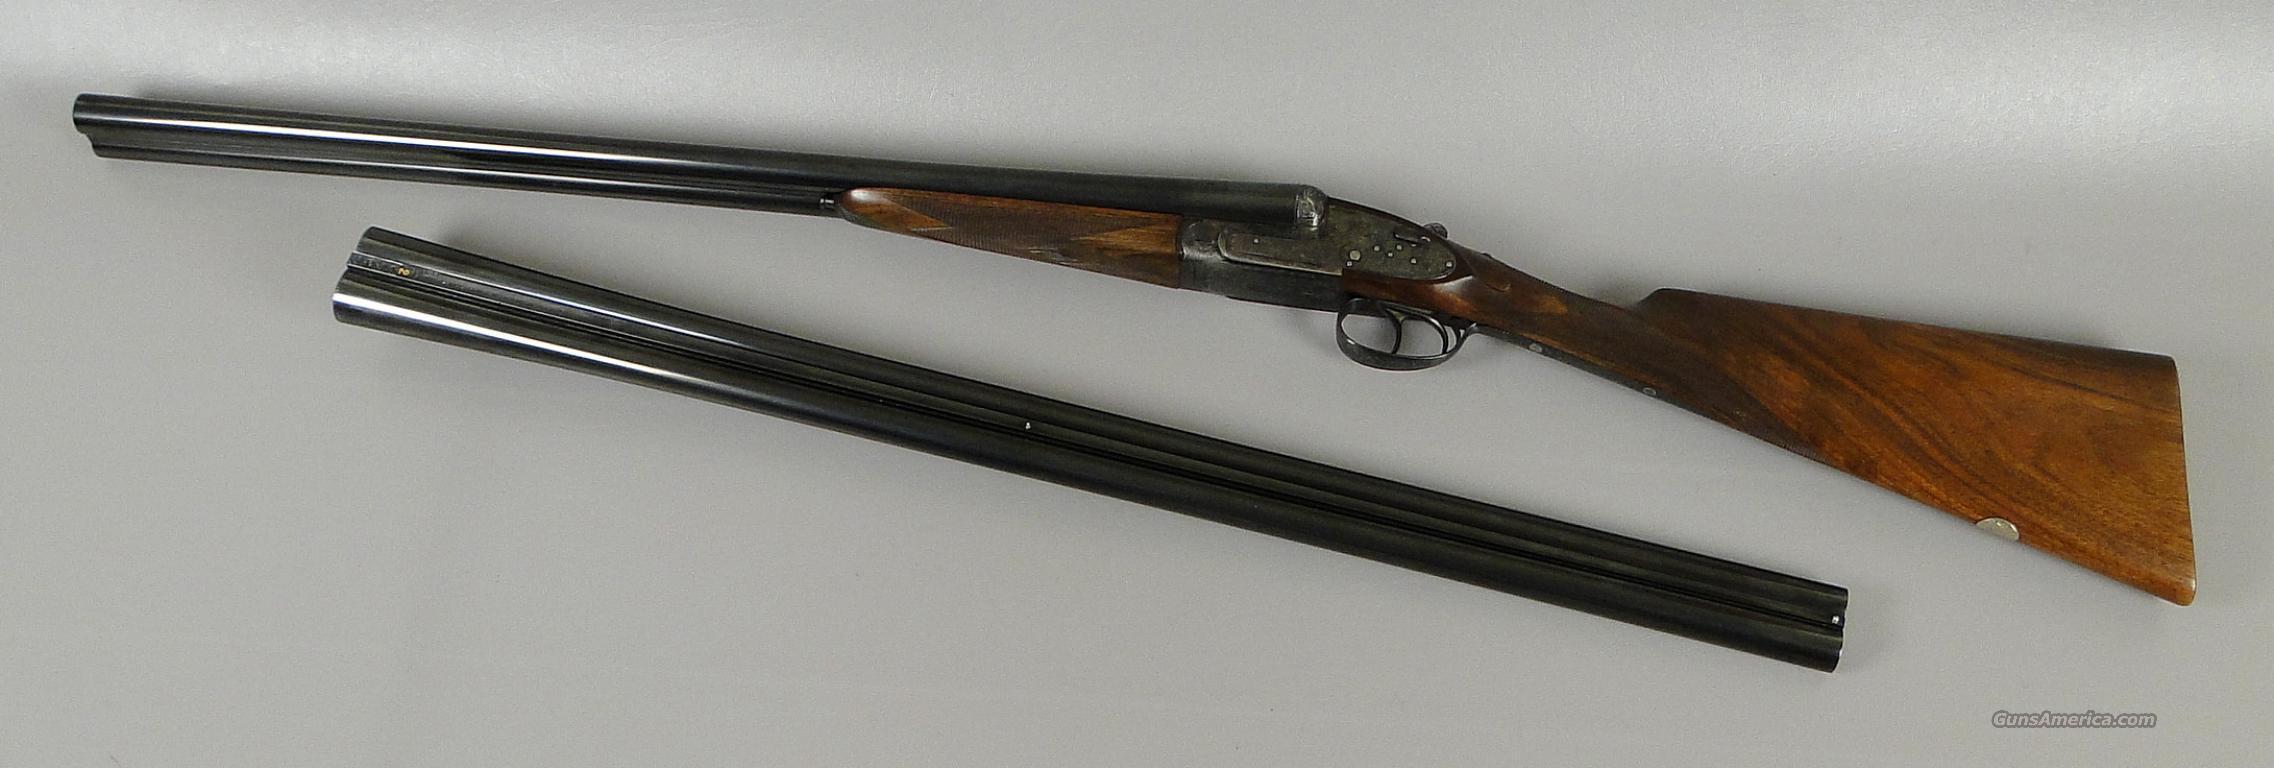 AYA 12 Gauge Magnum SXS Shotgun 2 Barrel set 26 & 30 Inch Barrels